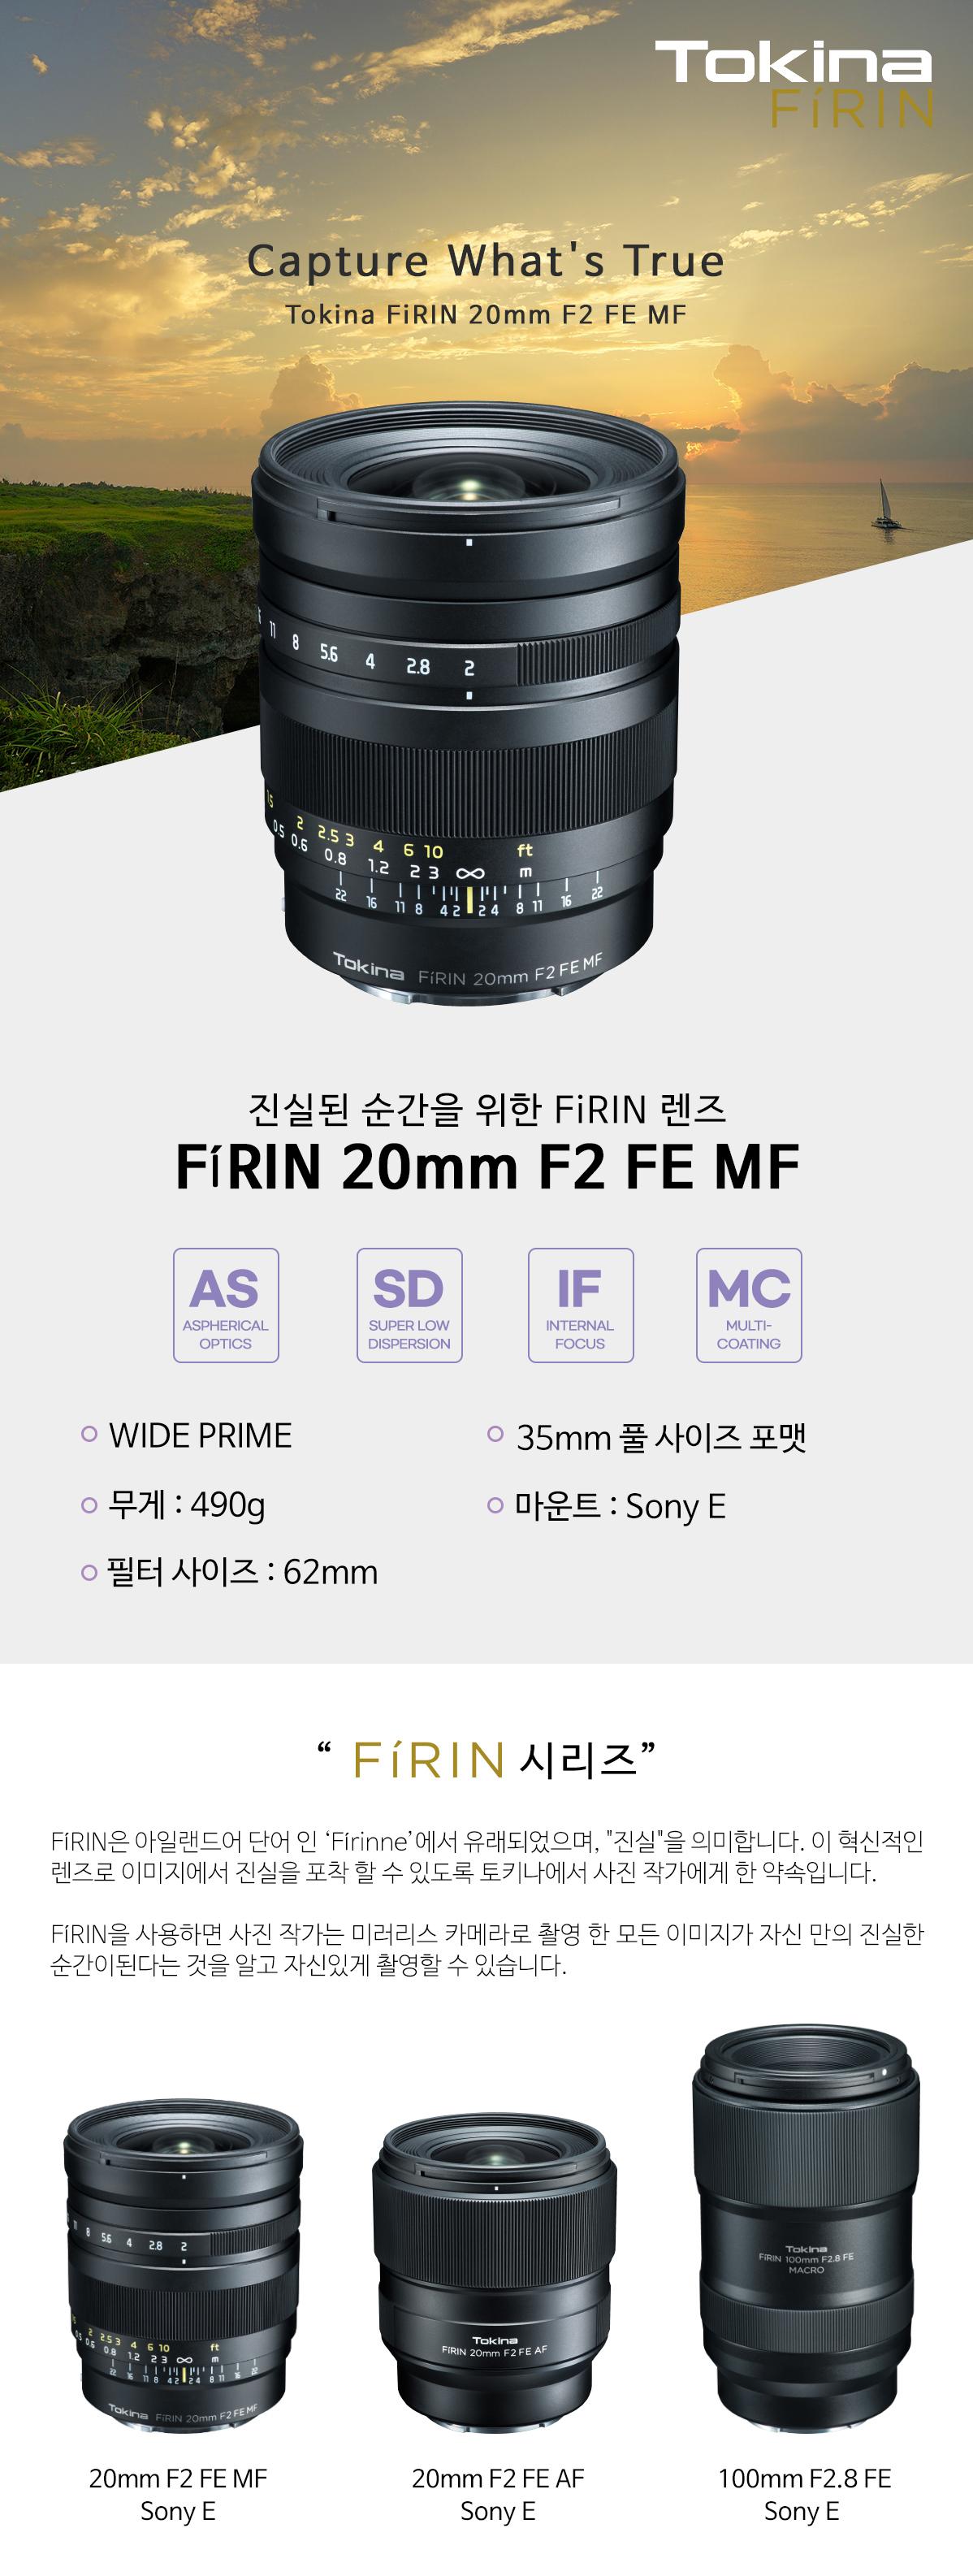 firin_20mmspec_01.jpg